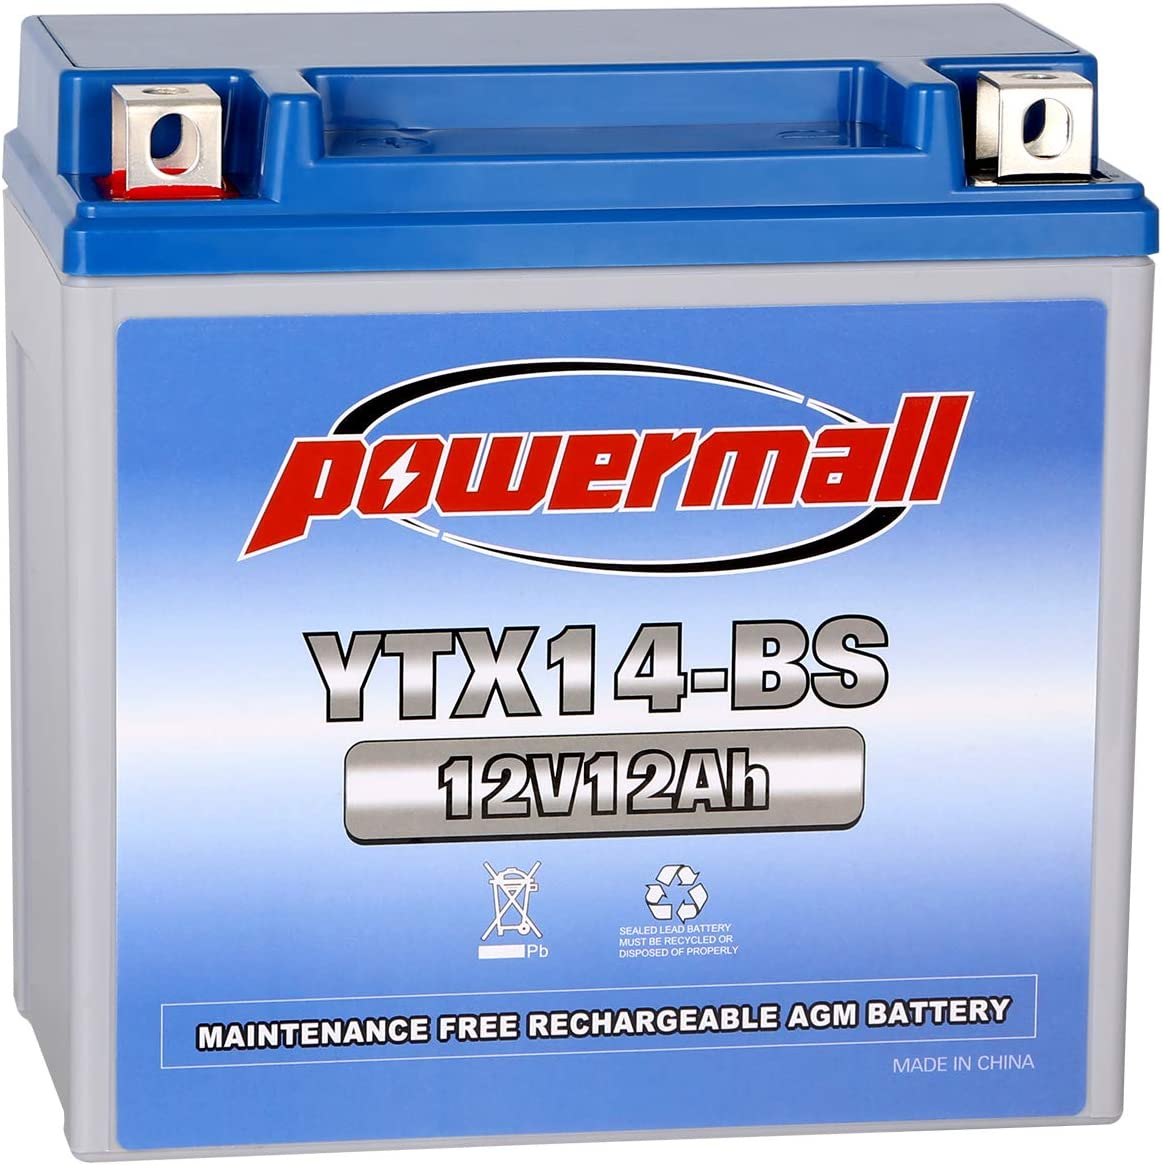 Amazon.com: Powermall YTX14-BS - Batería de repuesto para ...